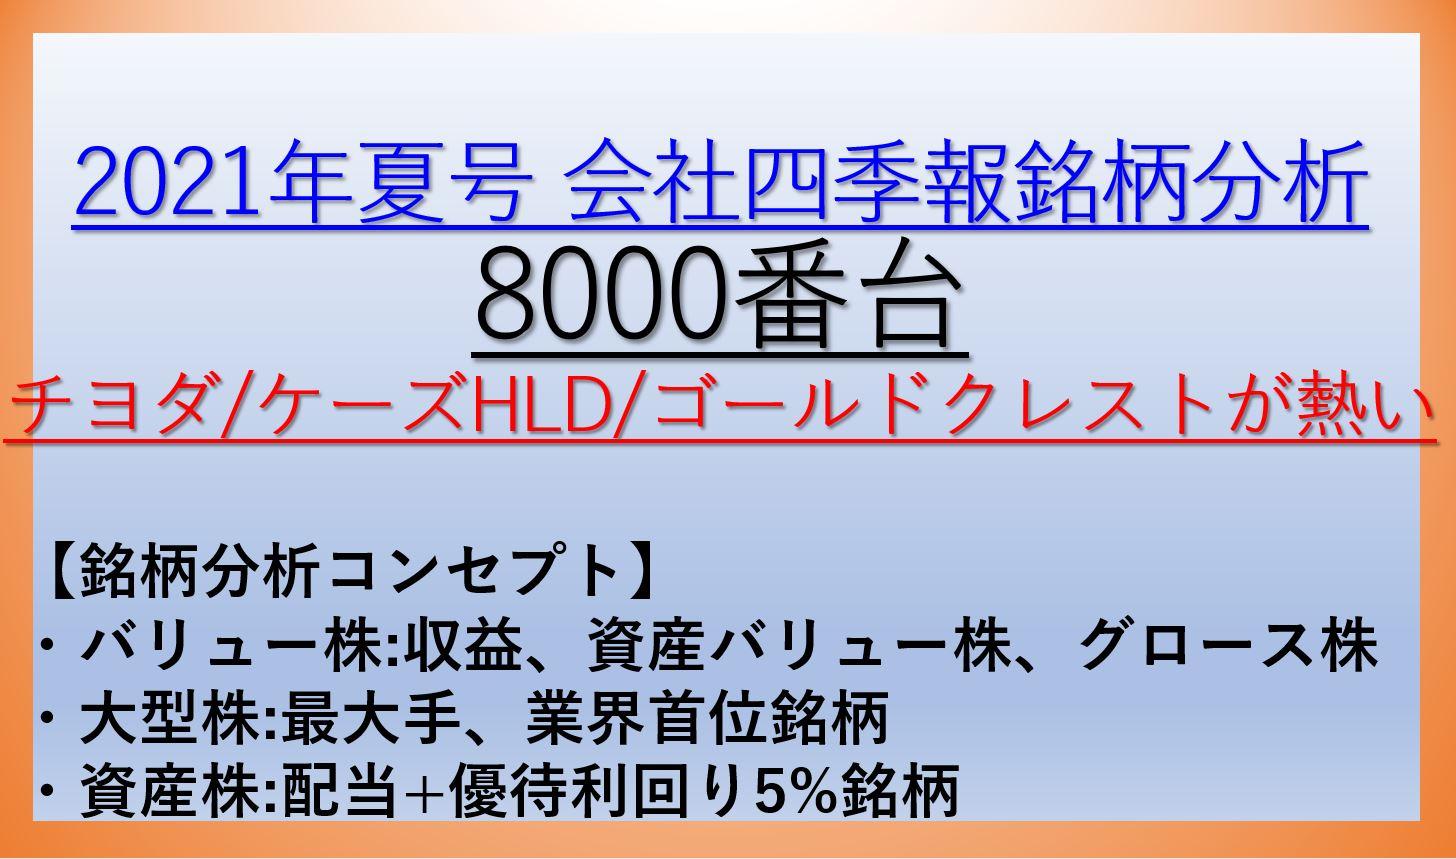 2021年会社四季報夏号銘柄分析-8000番台-バリュー株・資産株・大型株